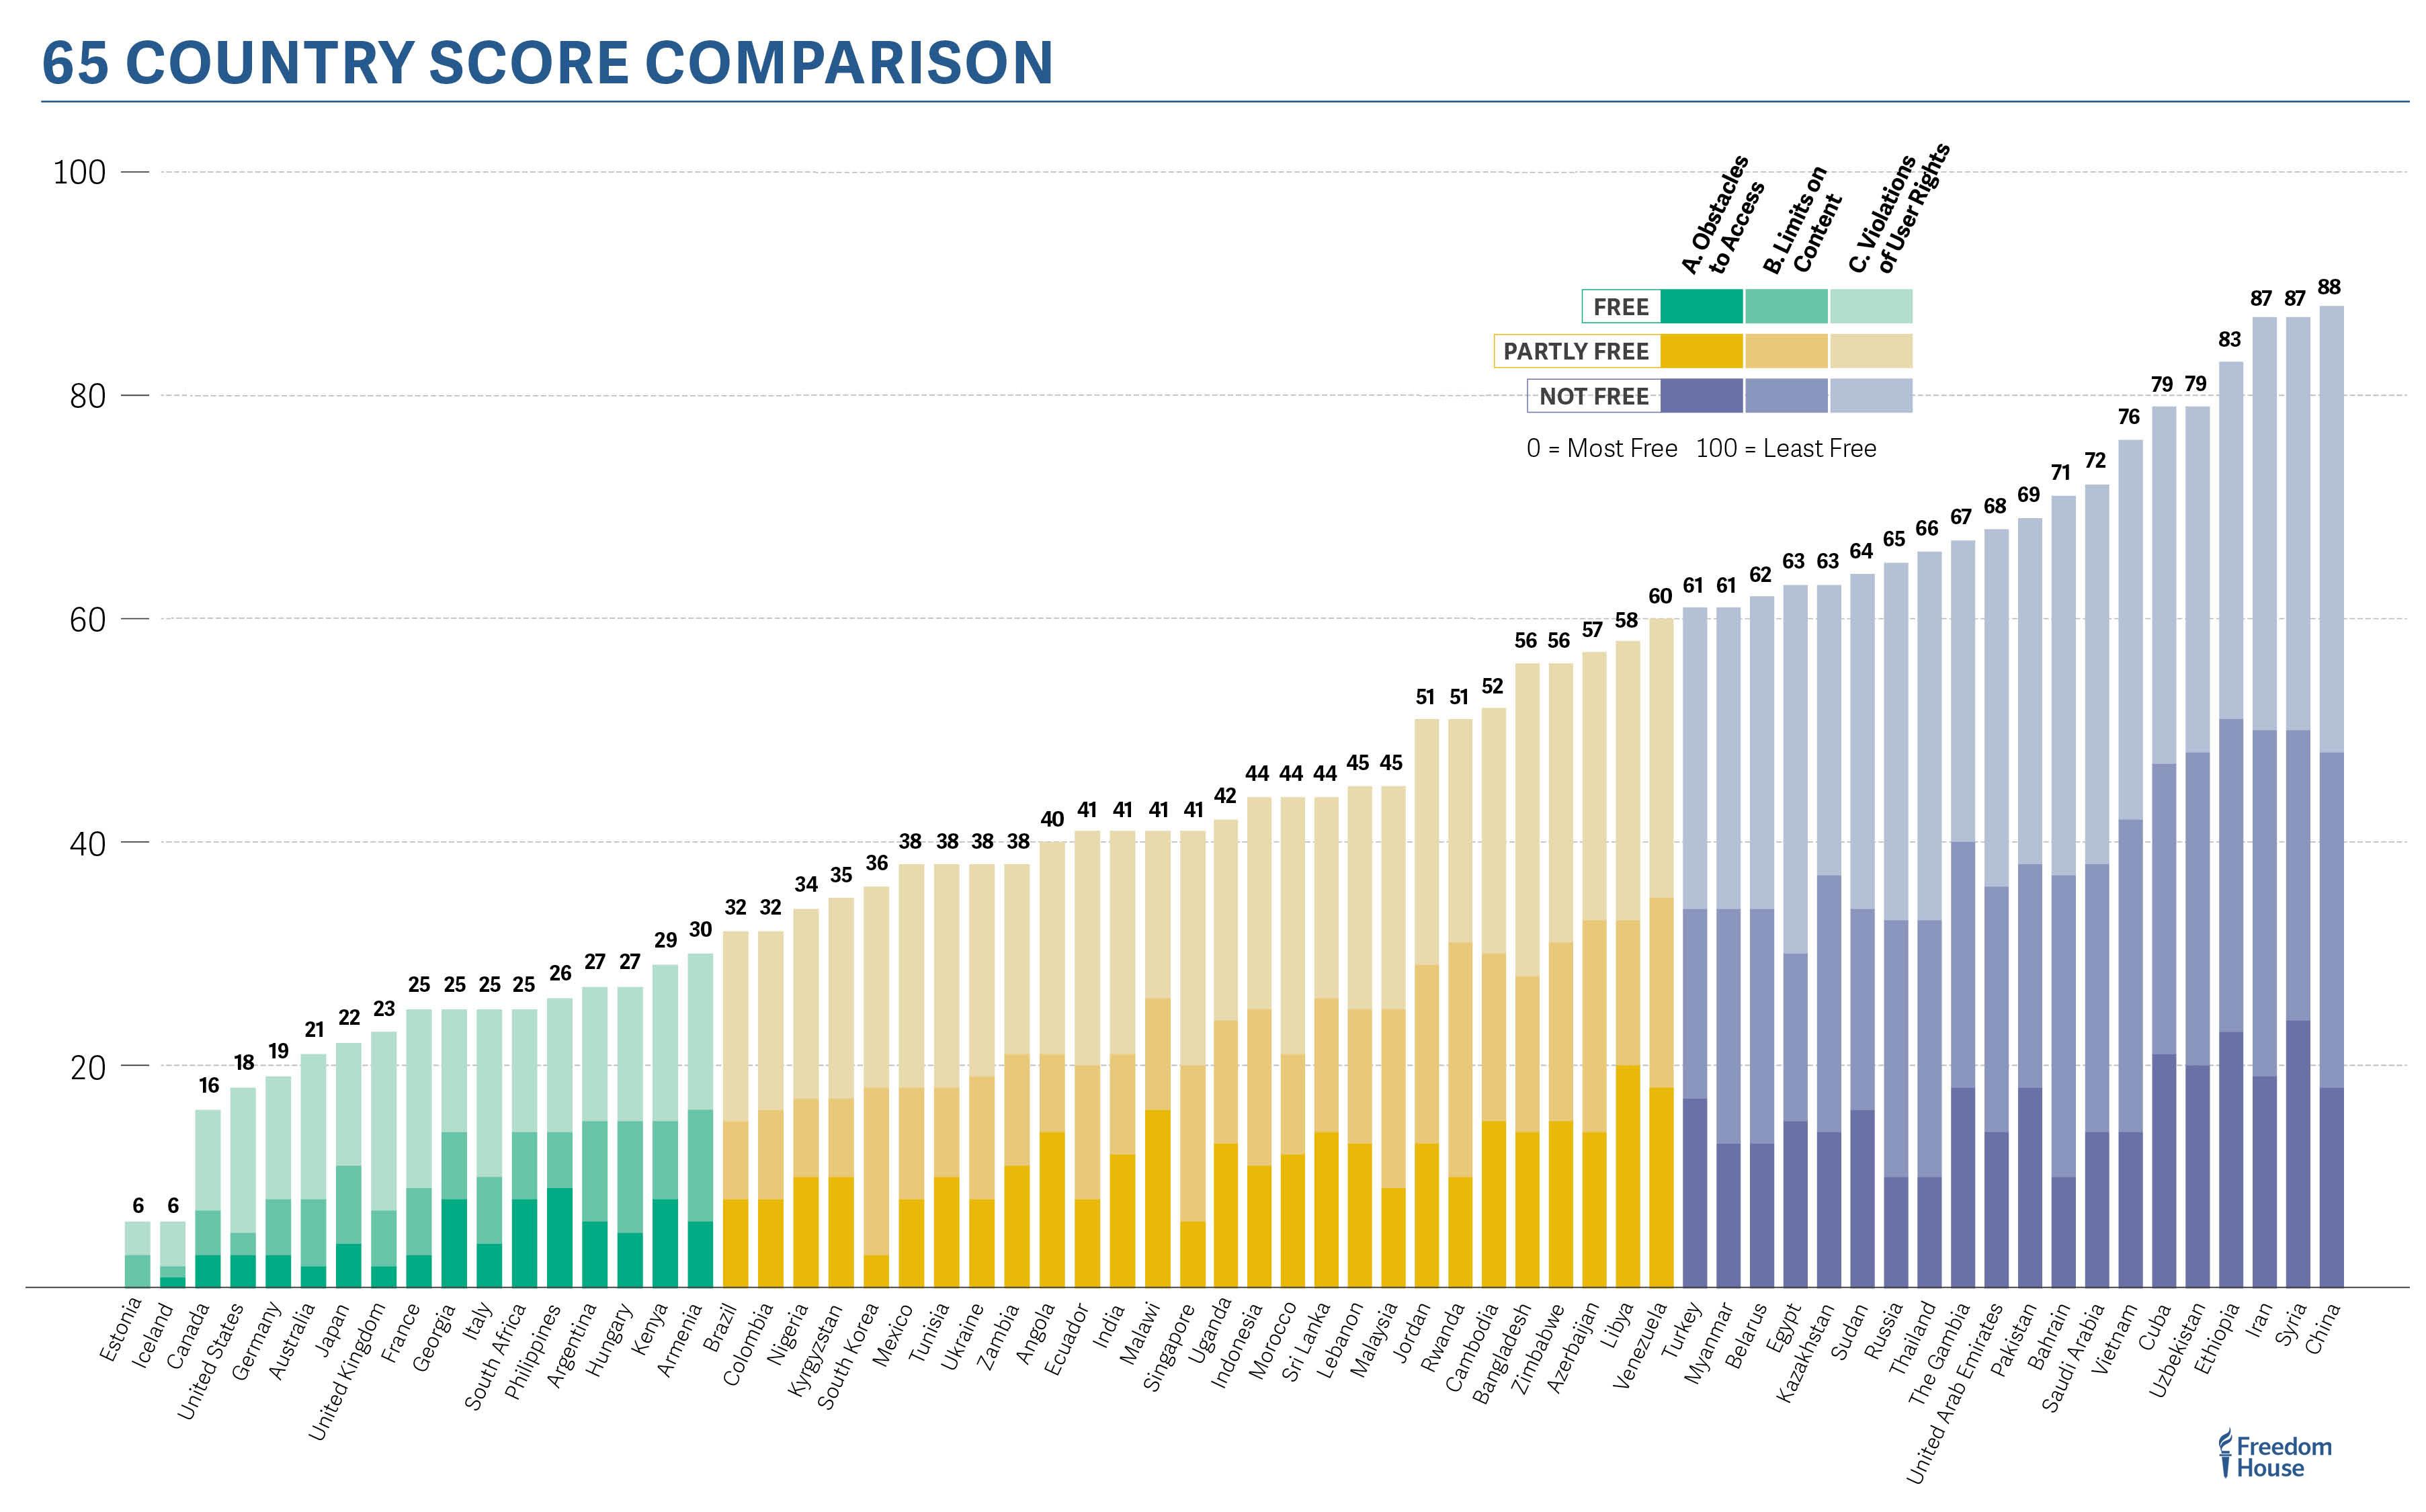 fotn_2016_65-country_score_comparison